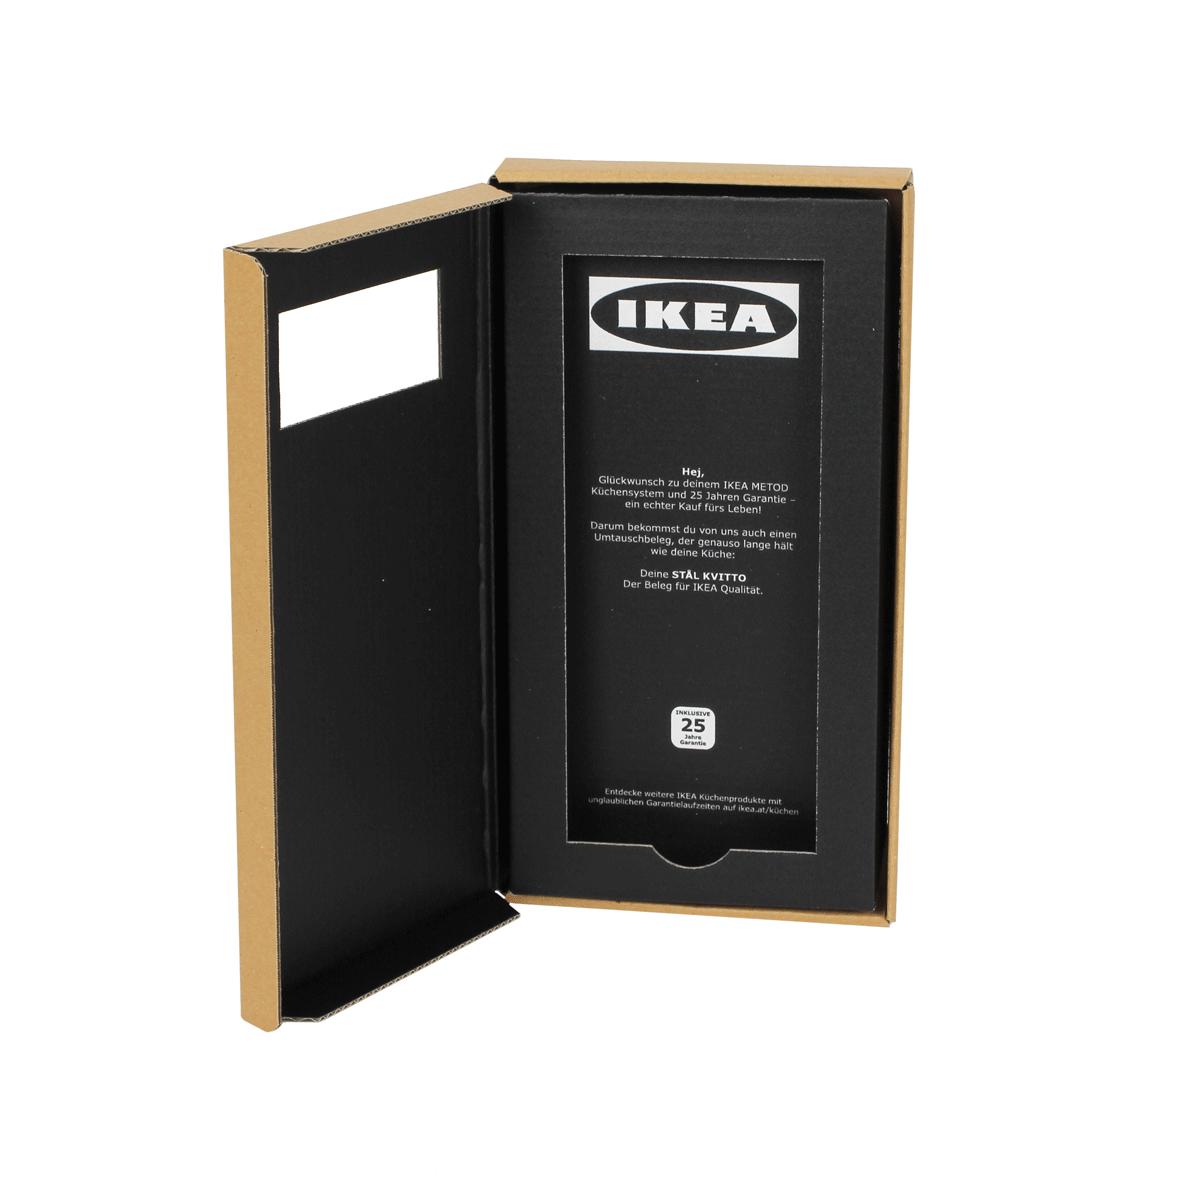 IKEA-Verpackung